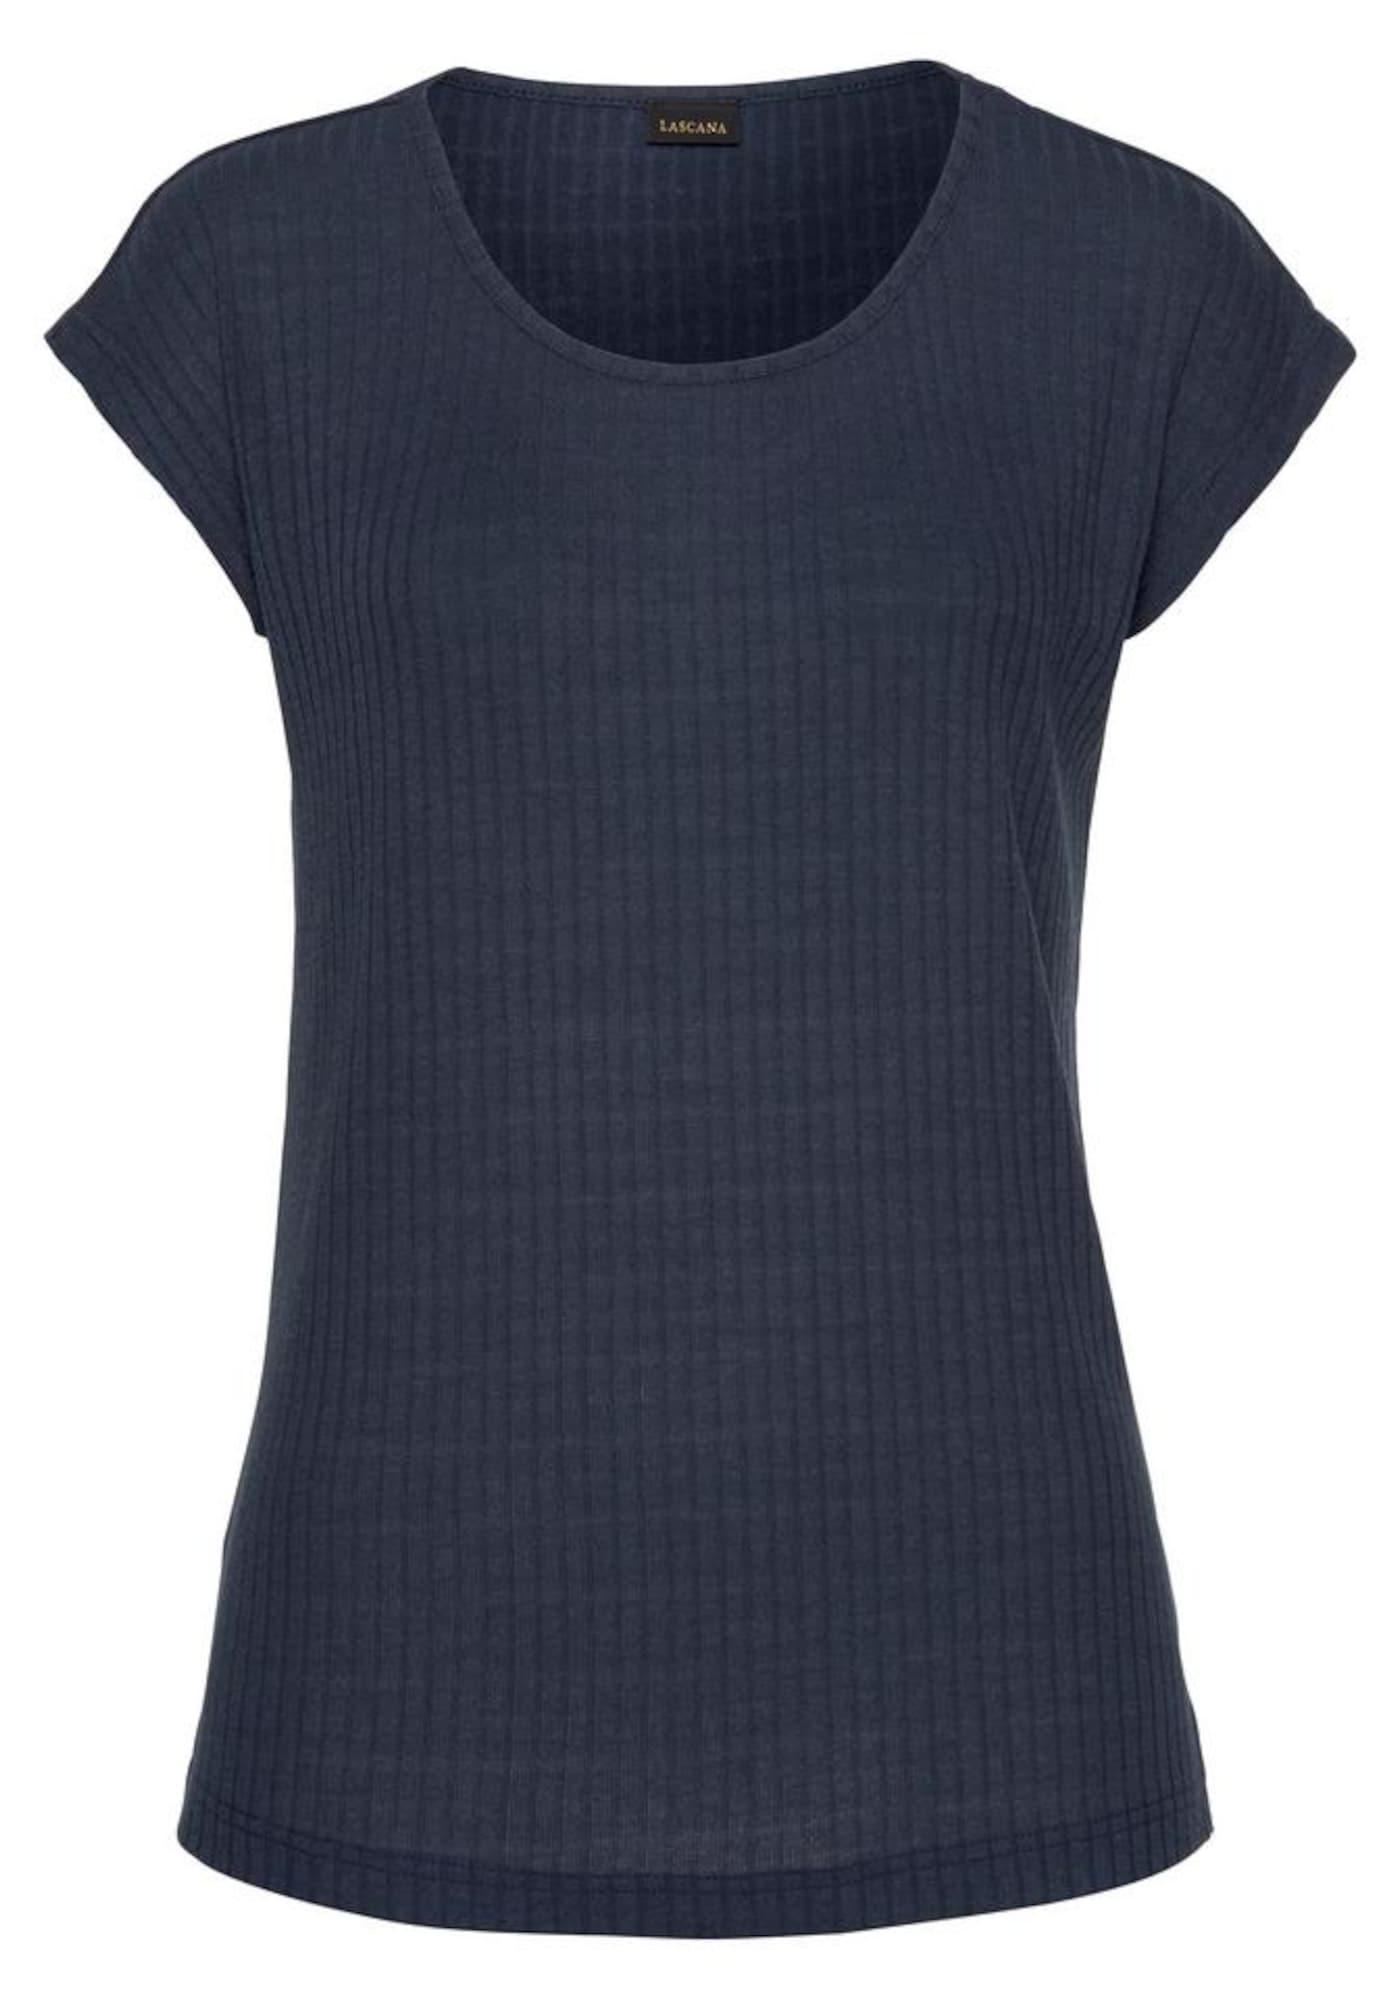 LASCANA, Dames Shirt, marine